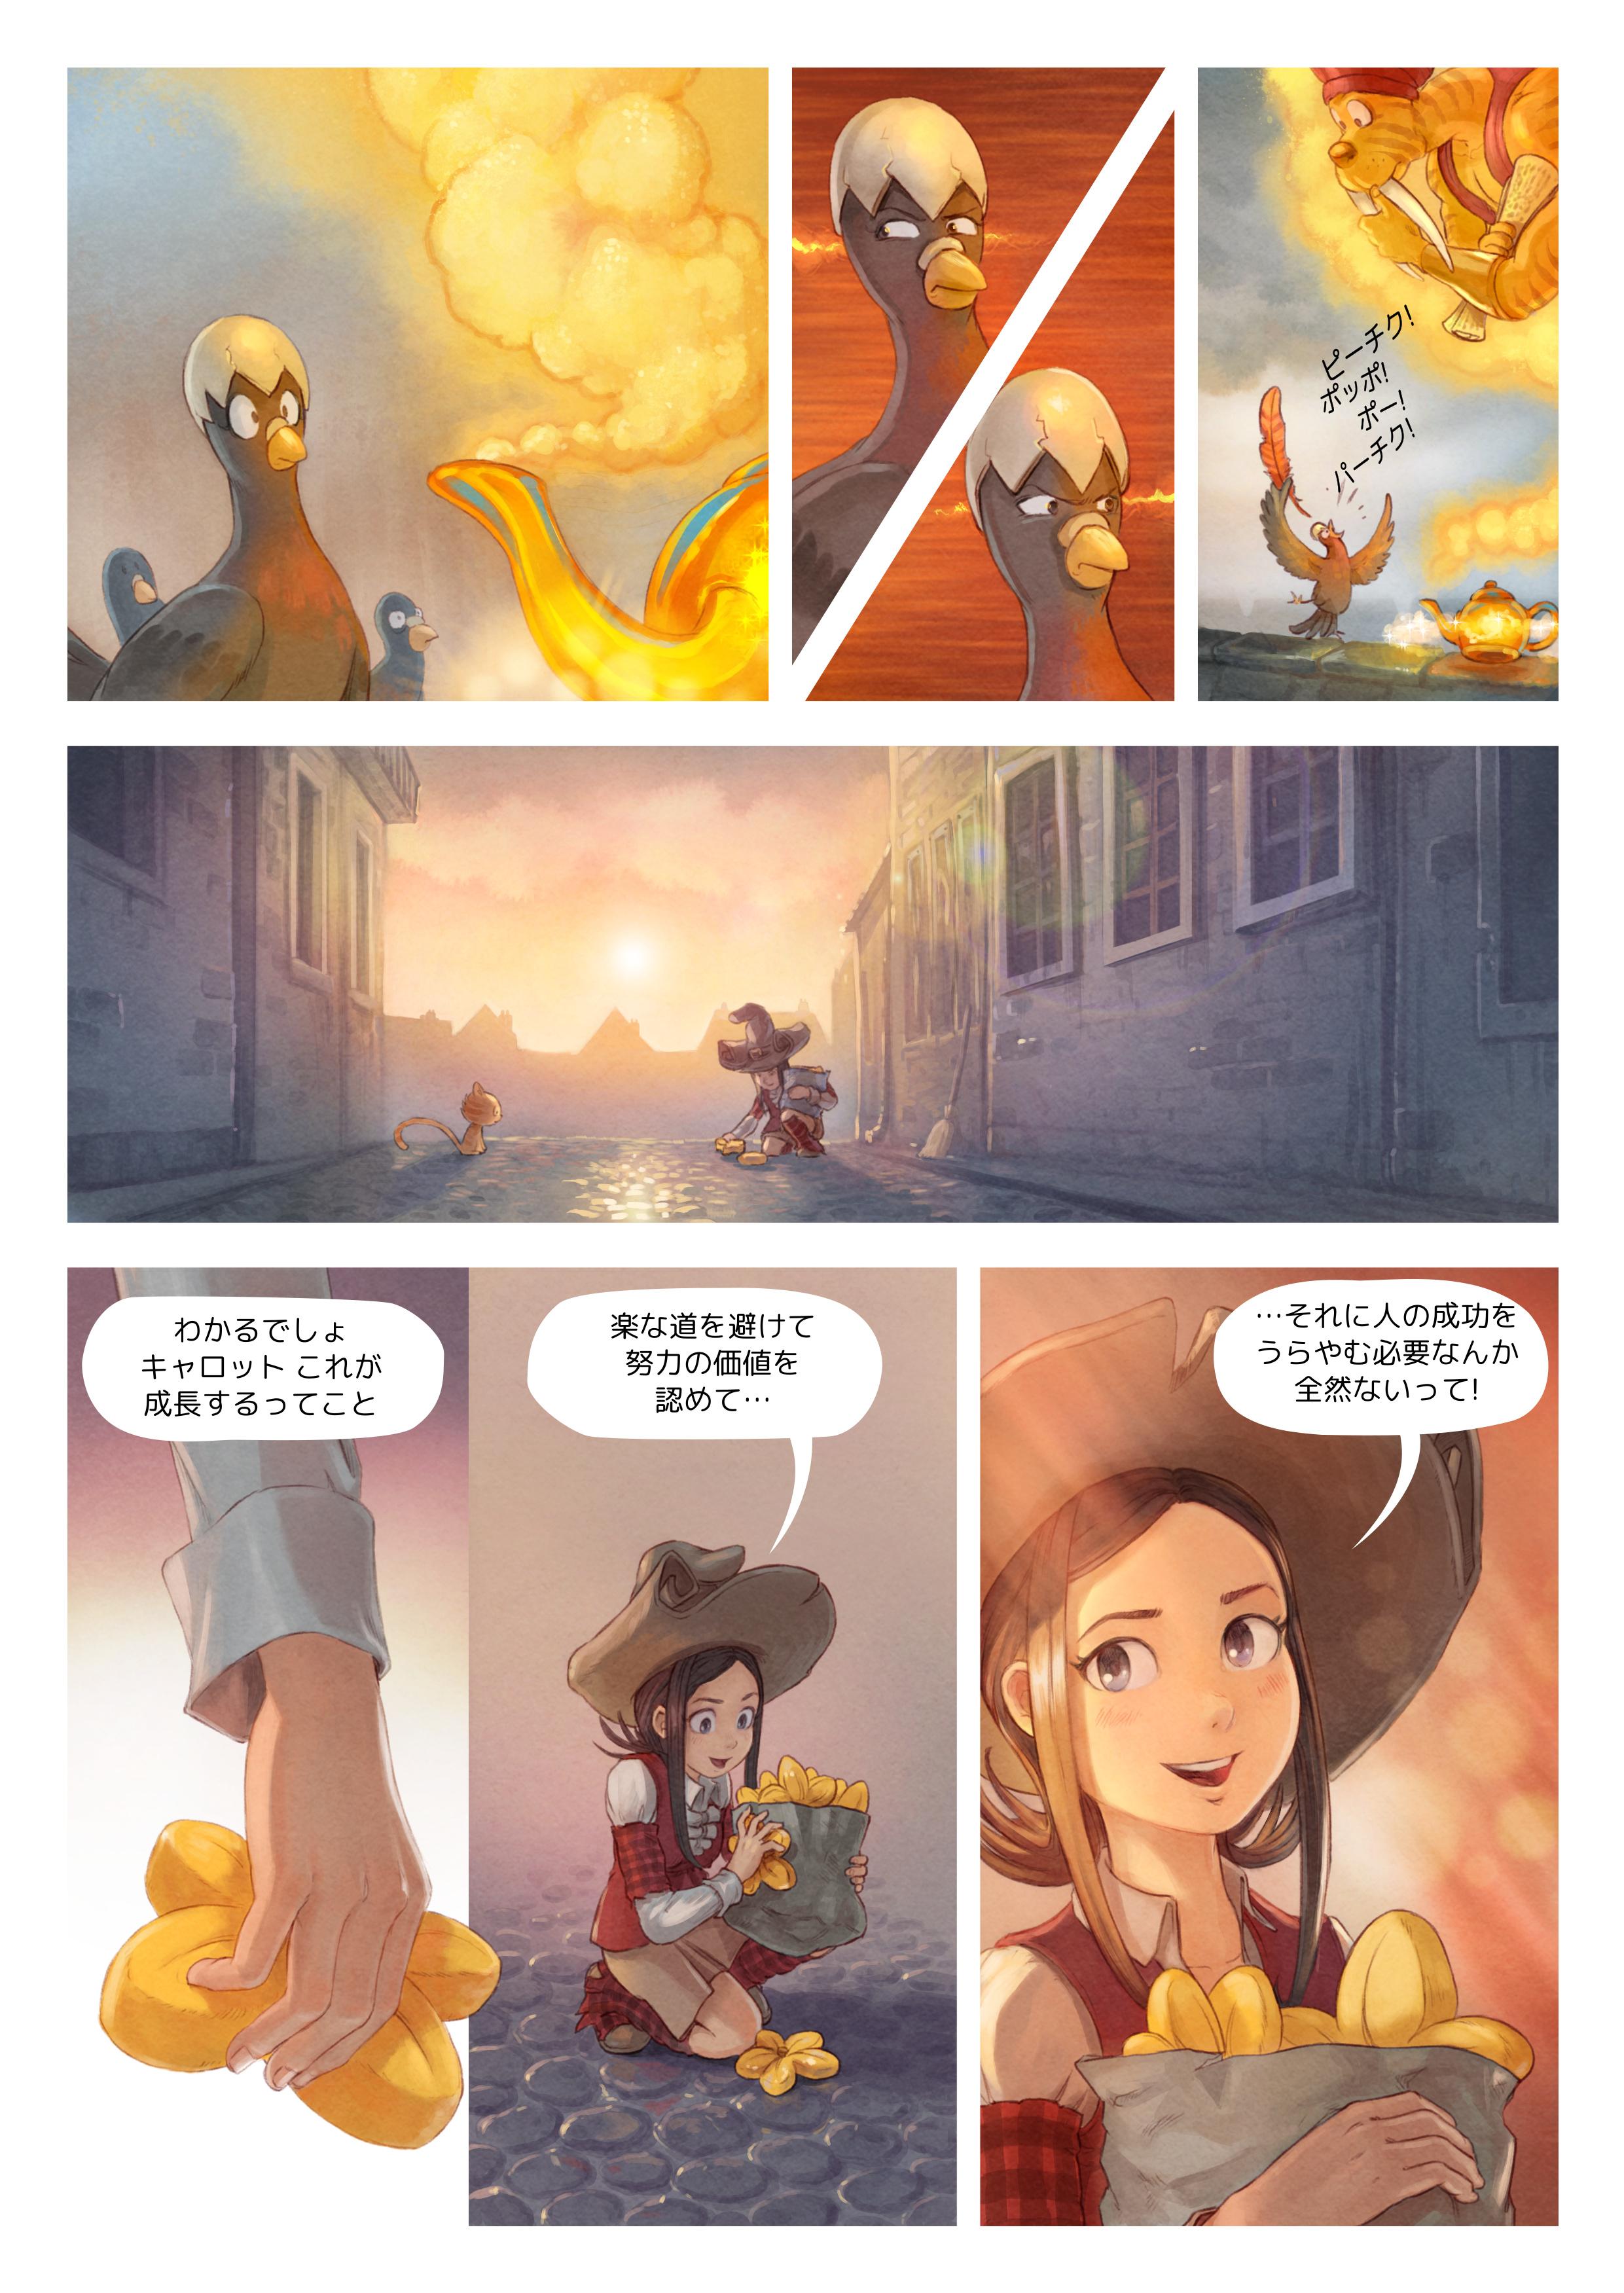 エピソード 23: 幸運をつかむ, ページ 6